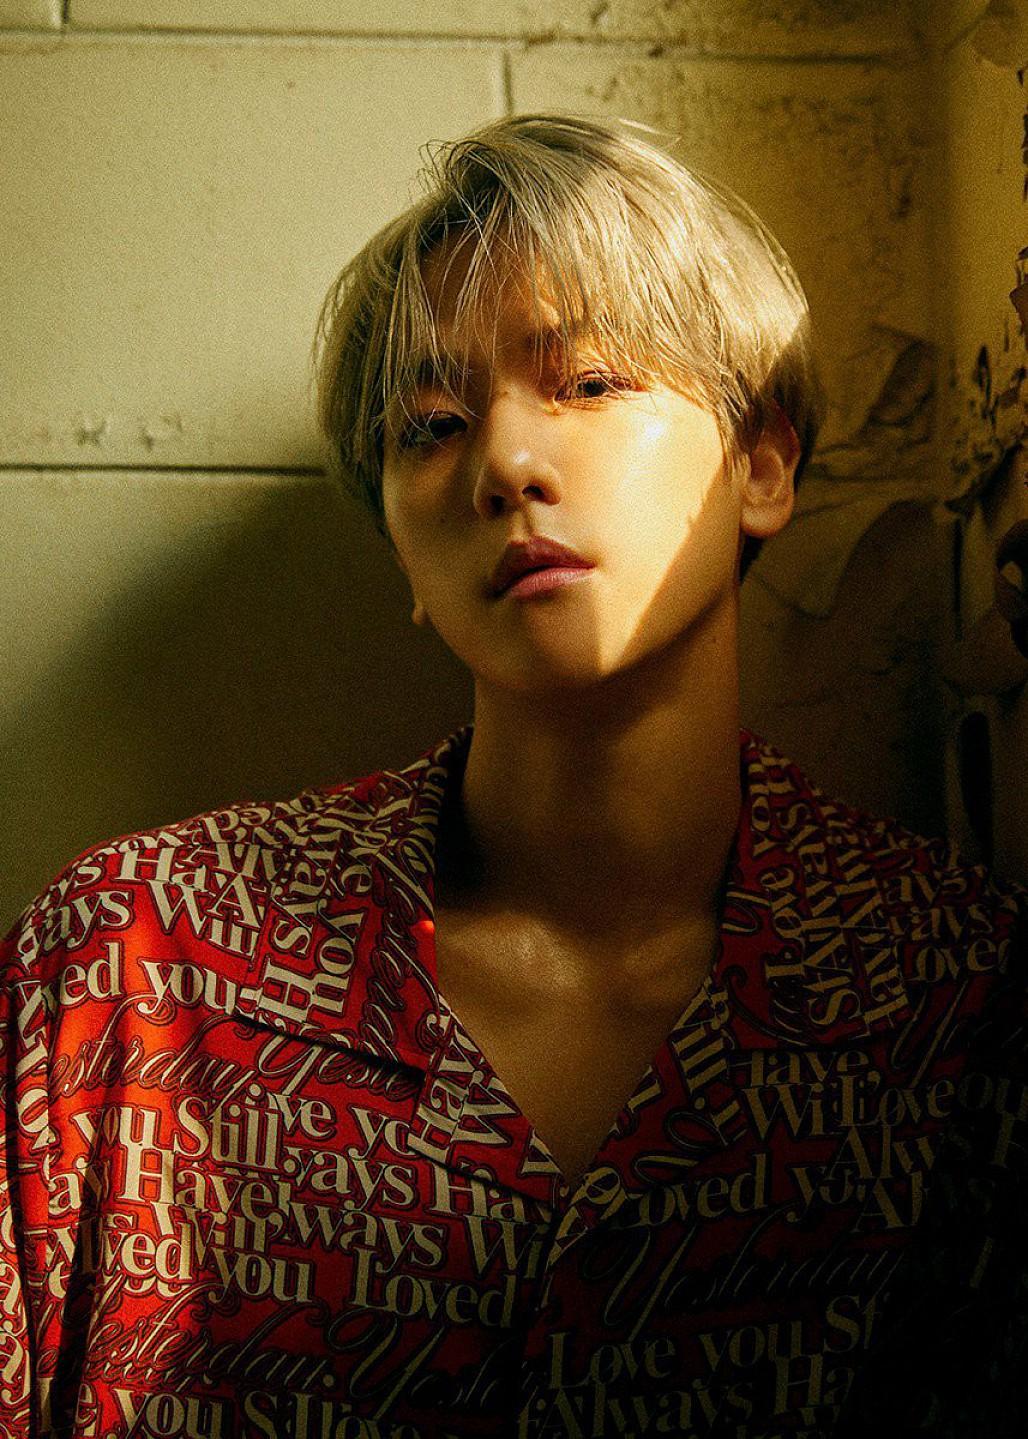 Top 30 nam idol hot nhất hiện nay: Top 1-2 là nam thần ai cũng biết, bất ngờ thứ hạng Baekhyun (EXO) so với V (BTS) - Ảnh 3.